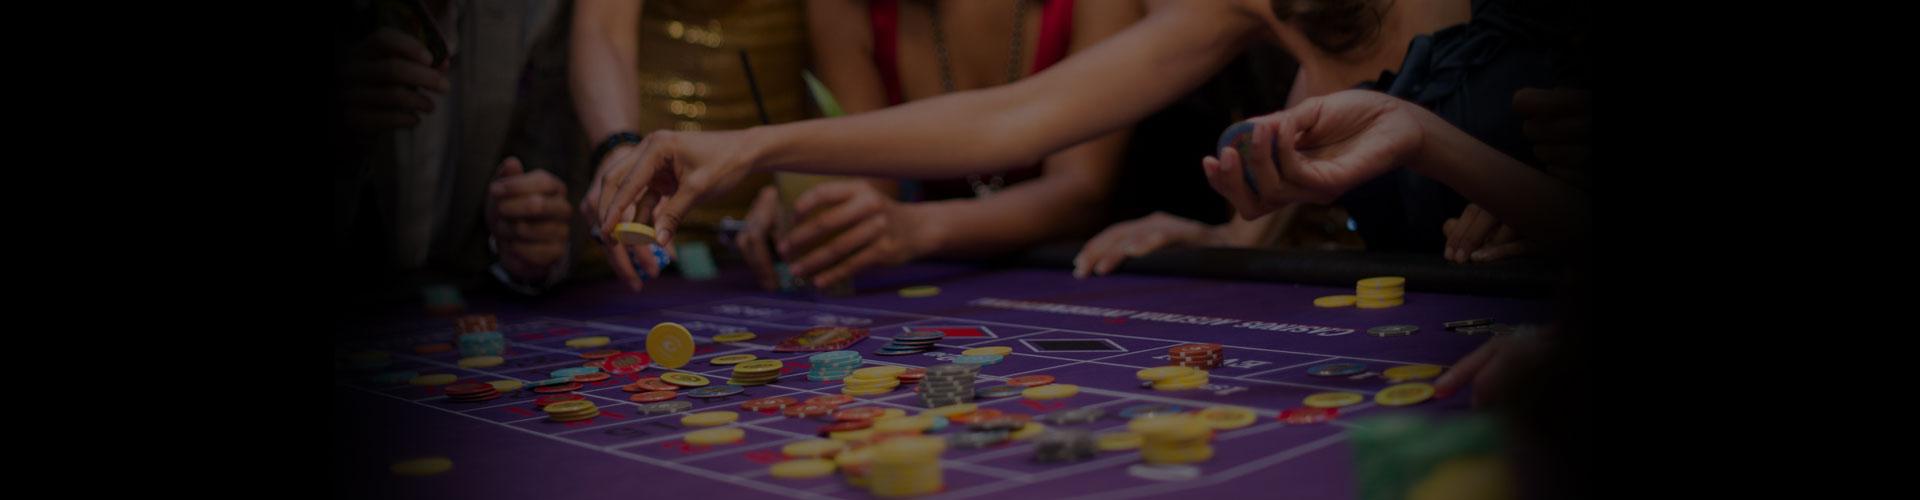 Casino Bonus Codes - 43135